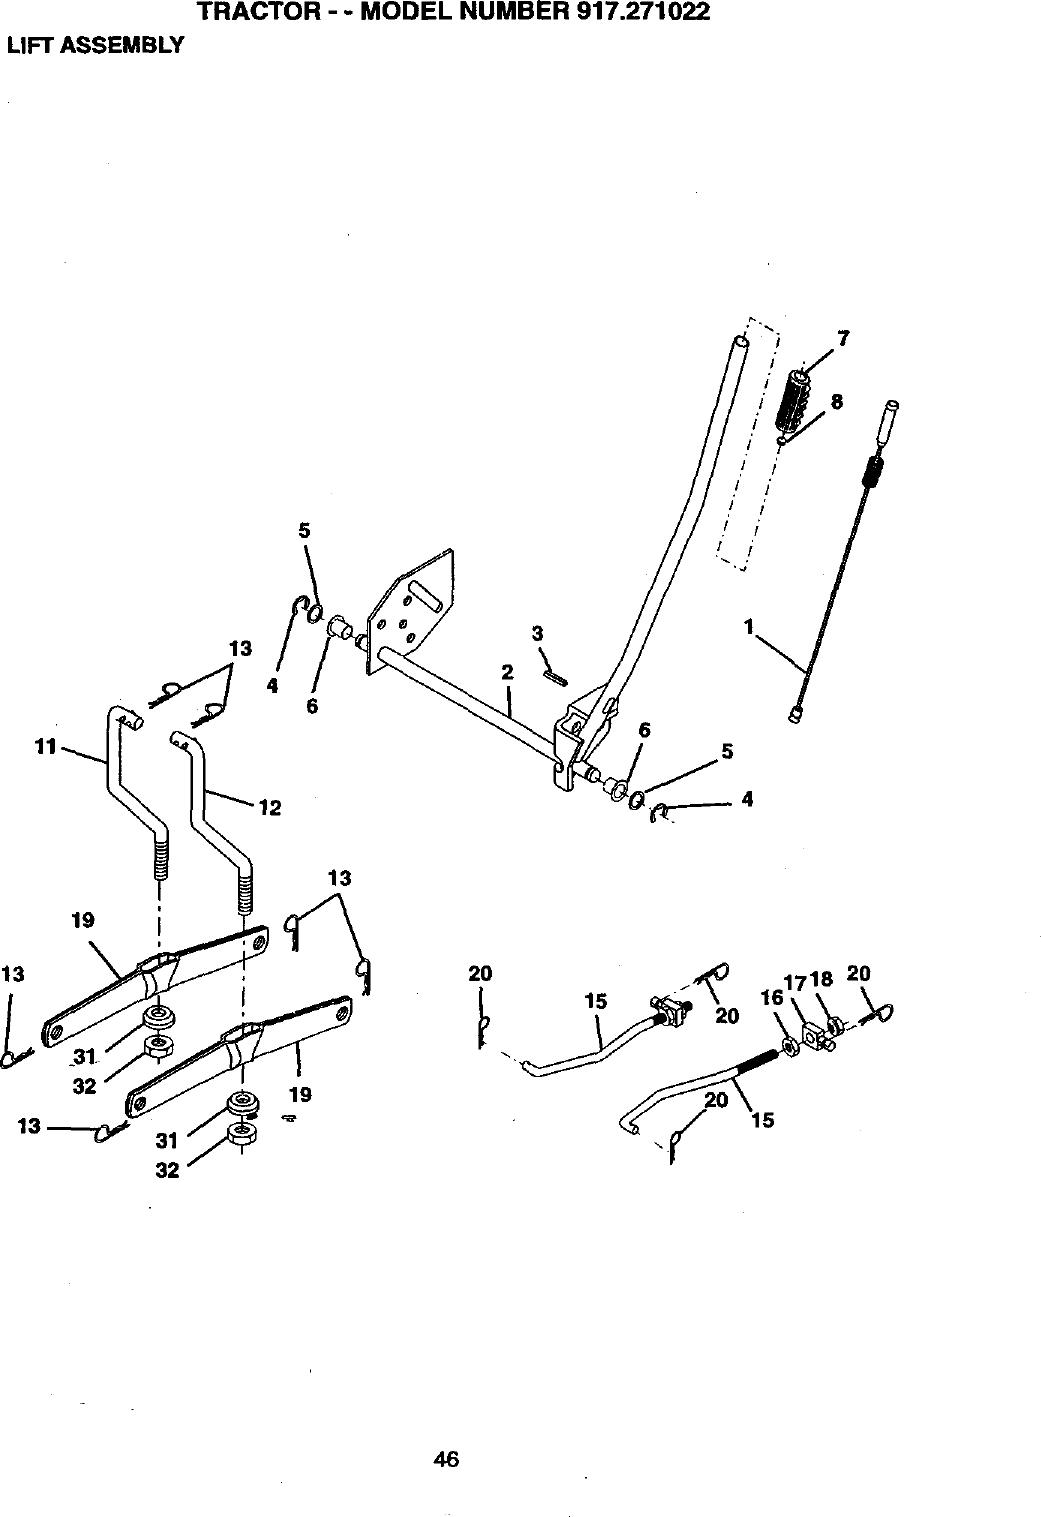 917 271022 Craftsman Mower Wiring Diagram. . Wiring Diagram